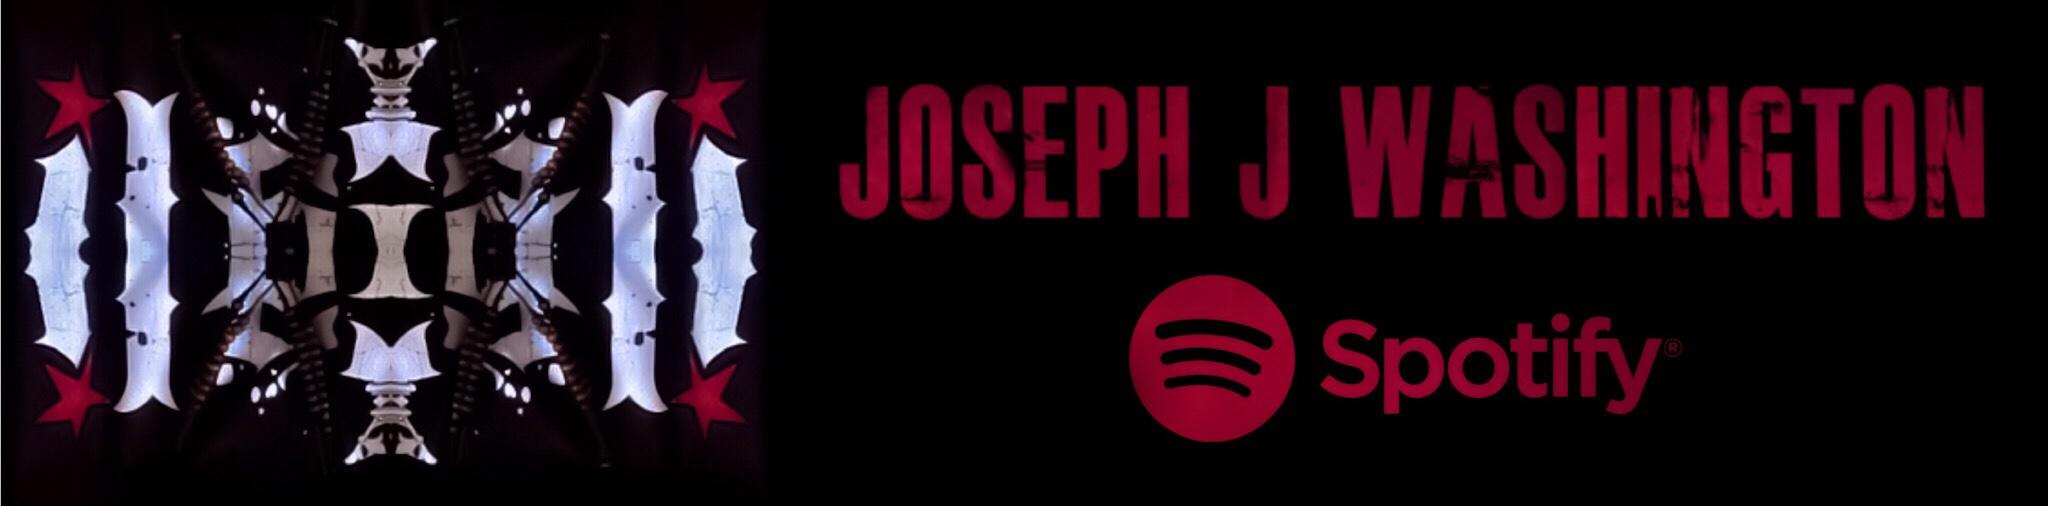 Follow Joseph J Washington On Spotify